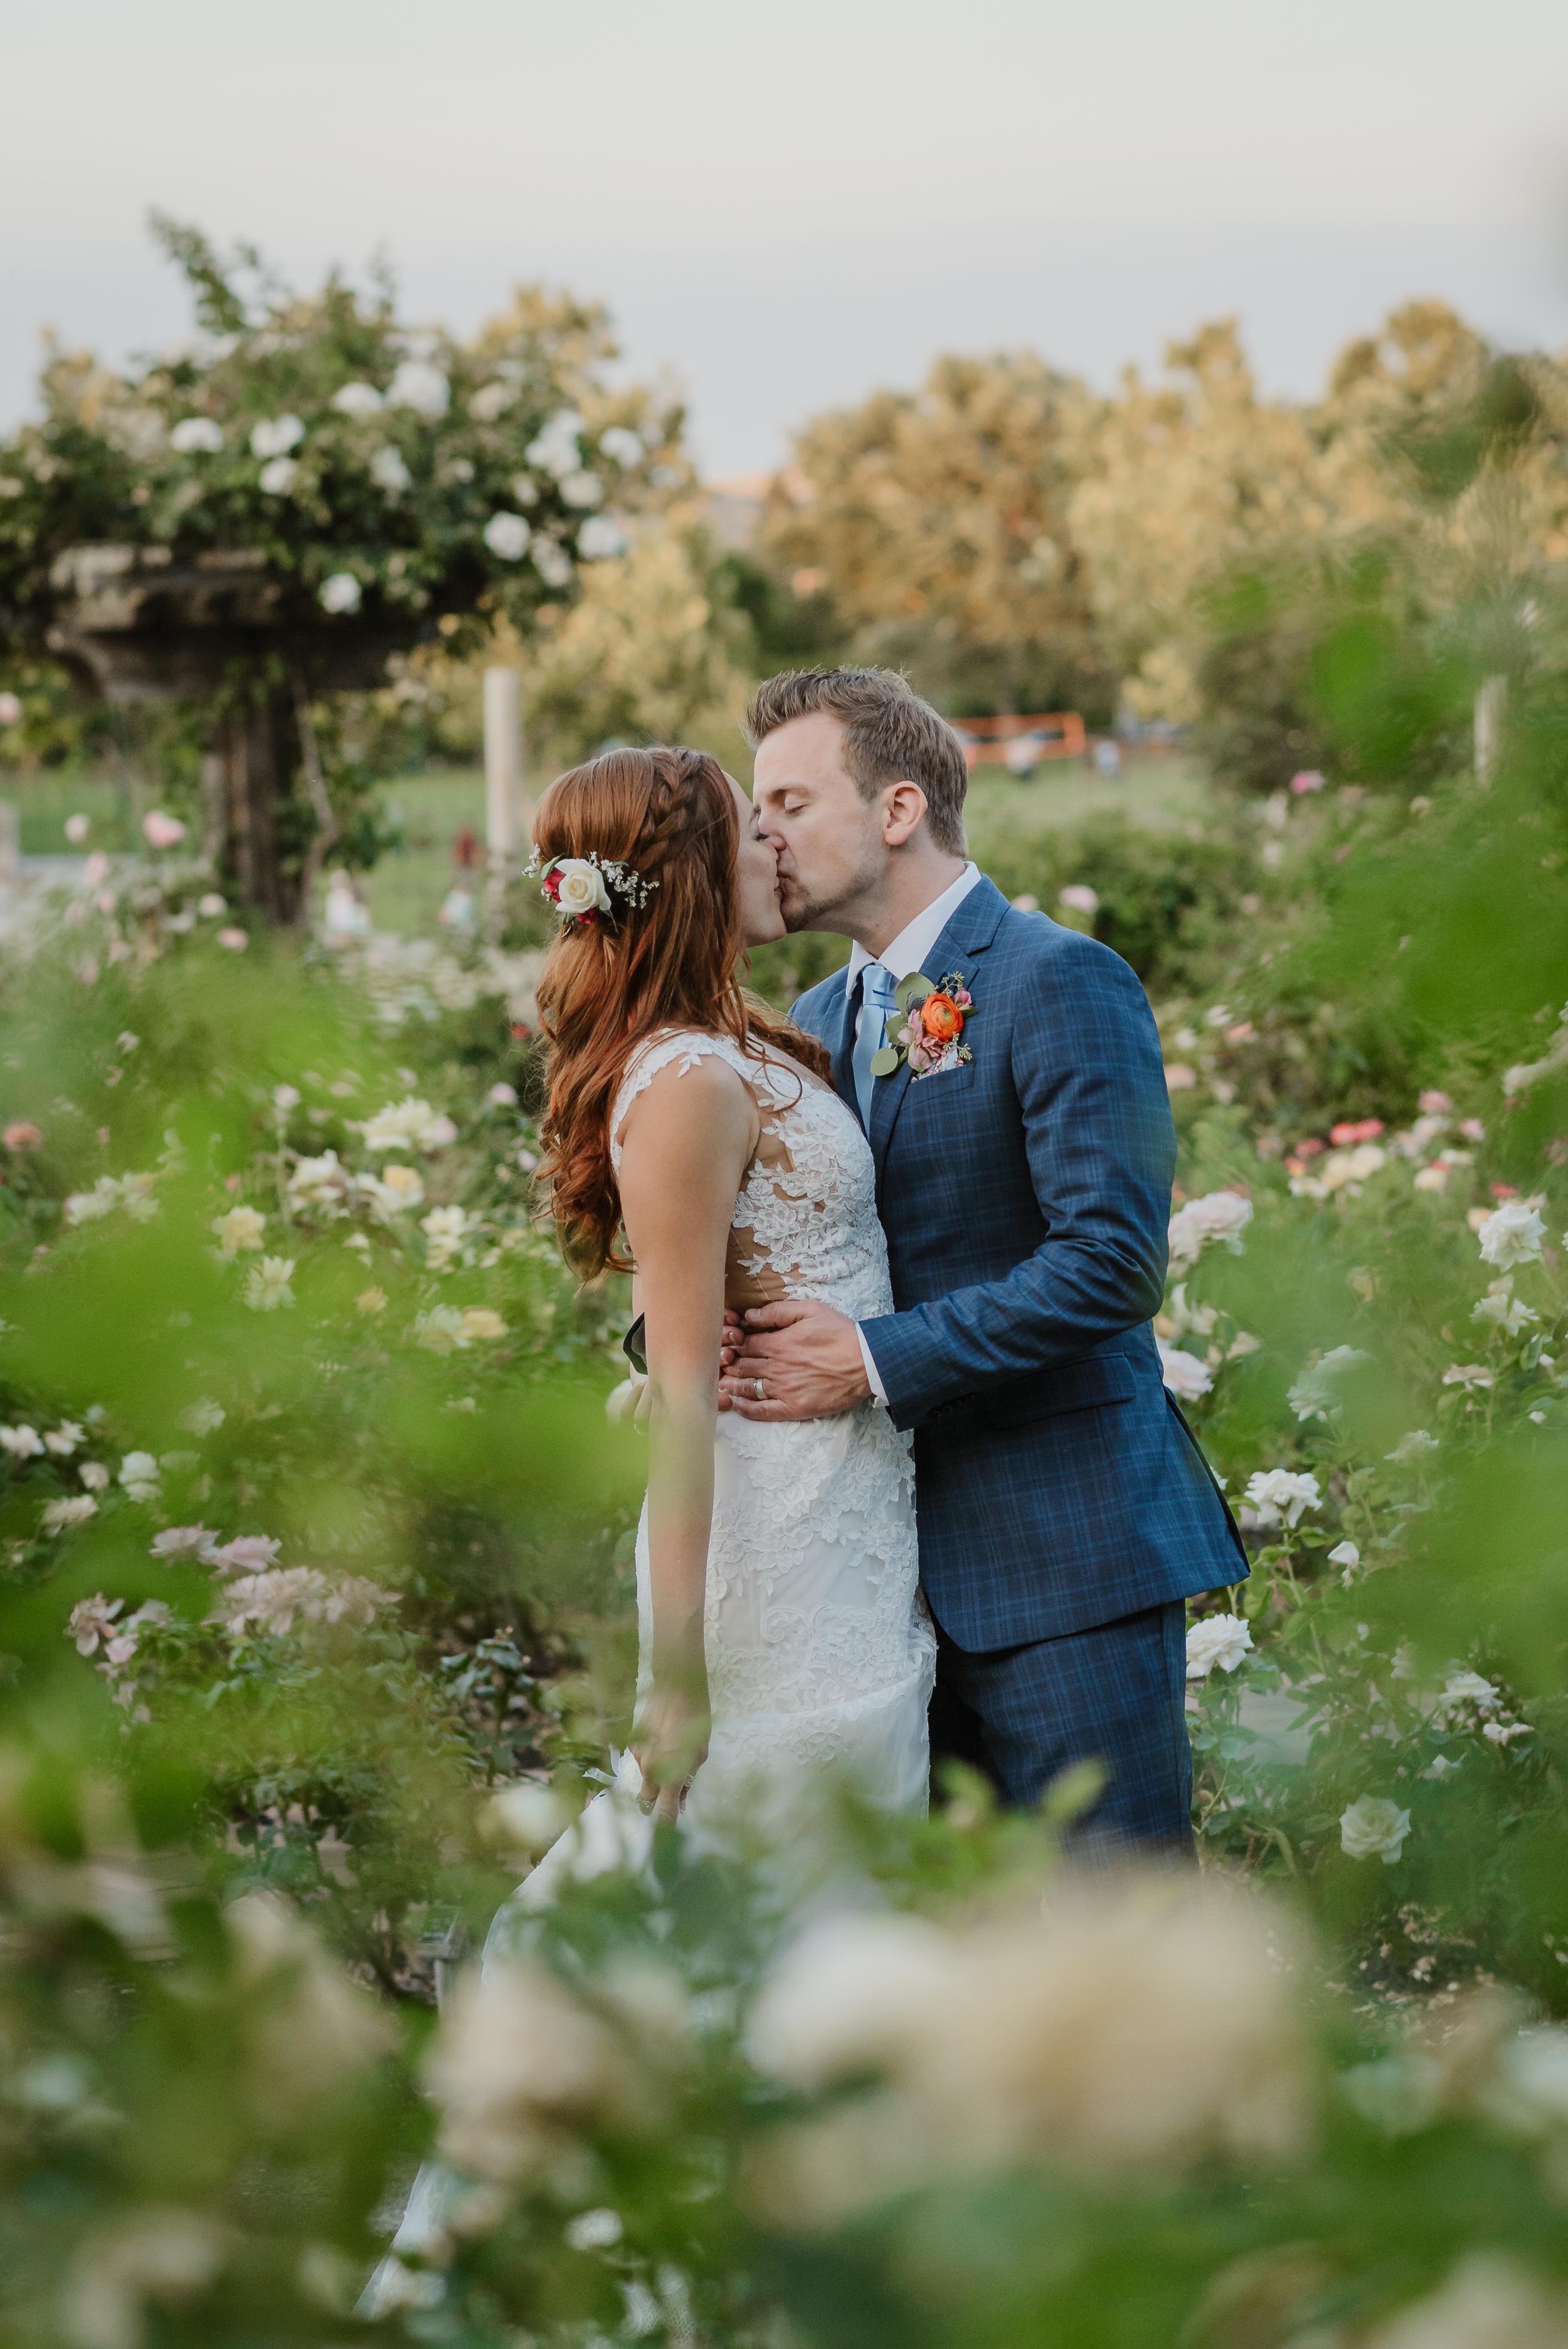 41-walnut-creek-gardens-heather-farms-wedding-vivianchen-487.jpg